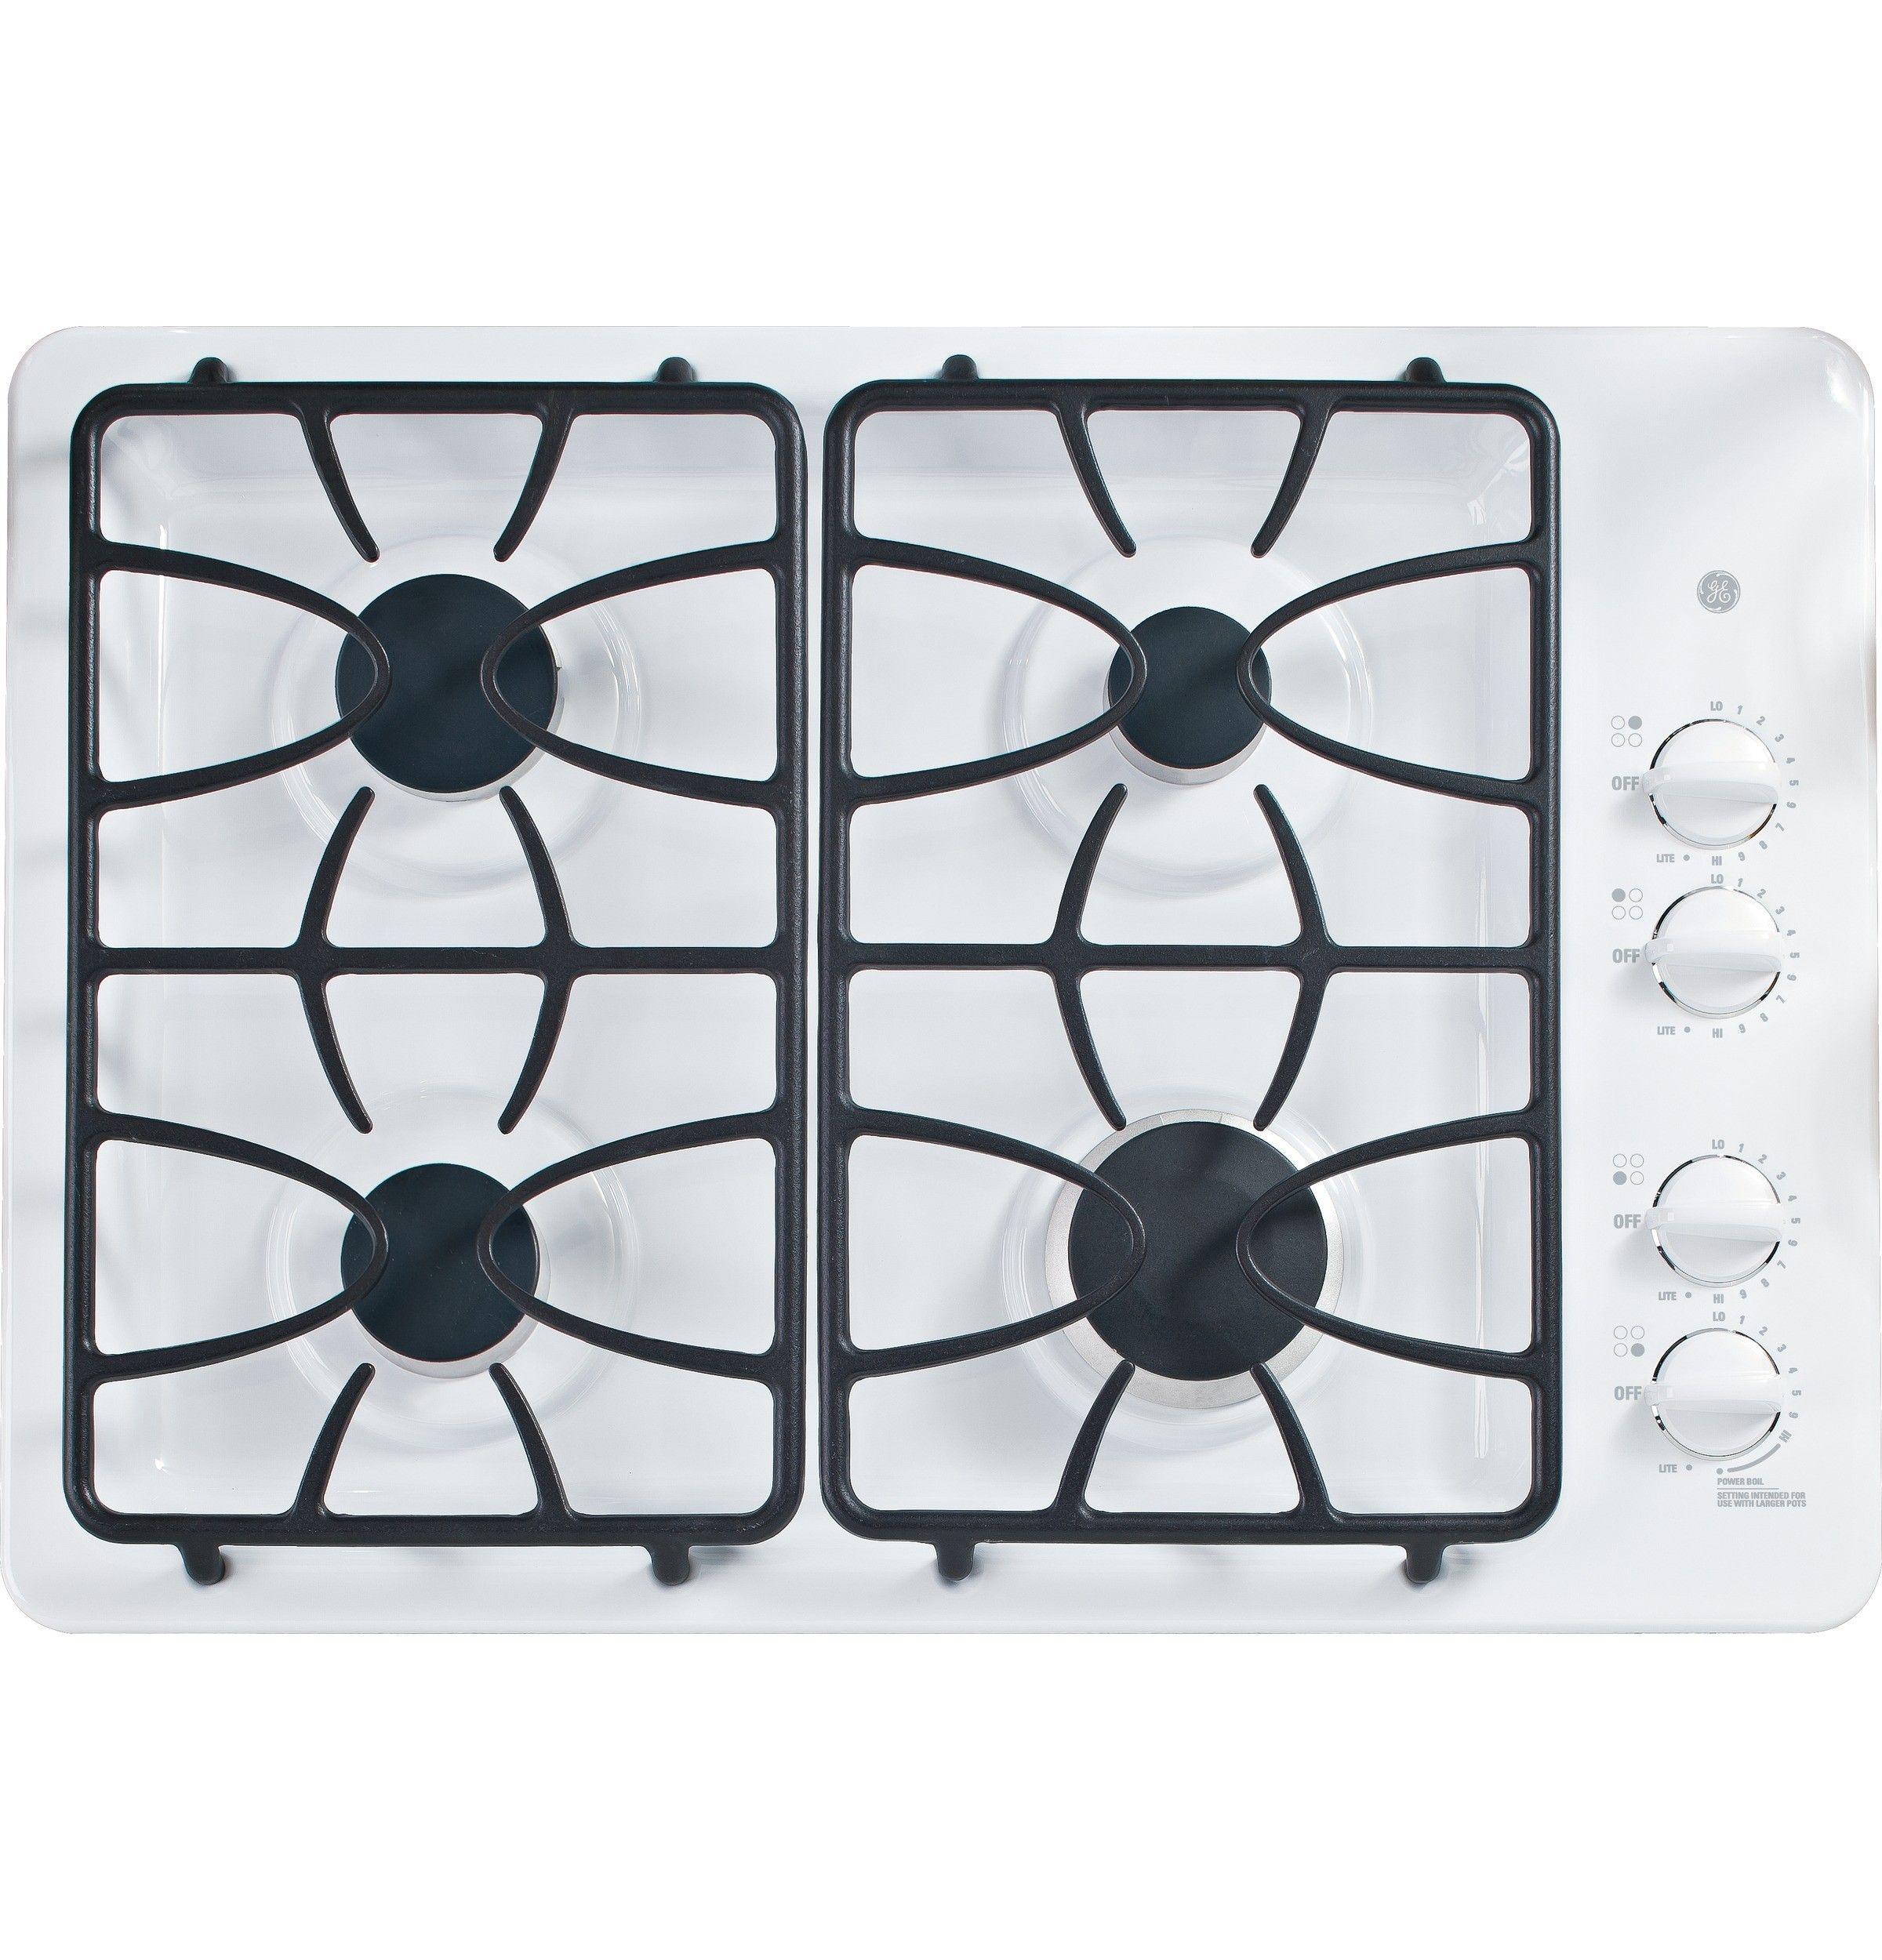 Appliances GEJGP333DETWW Cooking Gas cooktop, Cooktop